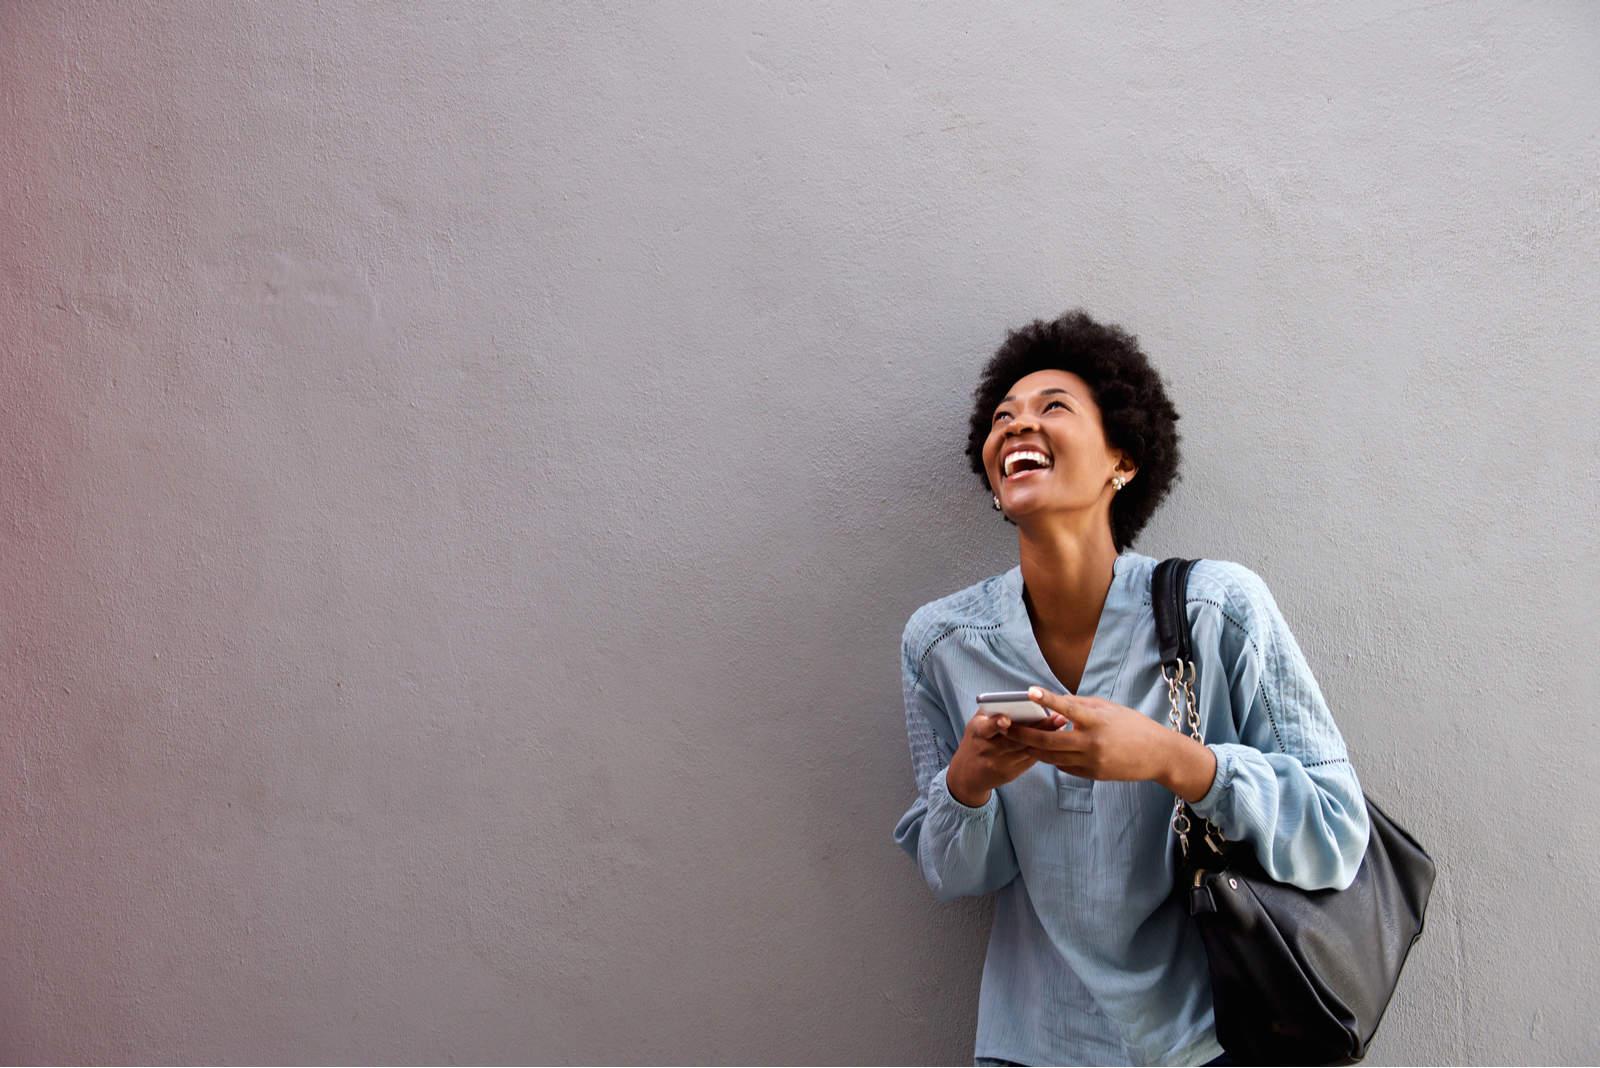 eine lächelnde Frau mit einem Telefon in der Hand